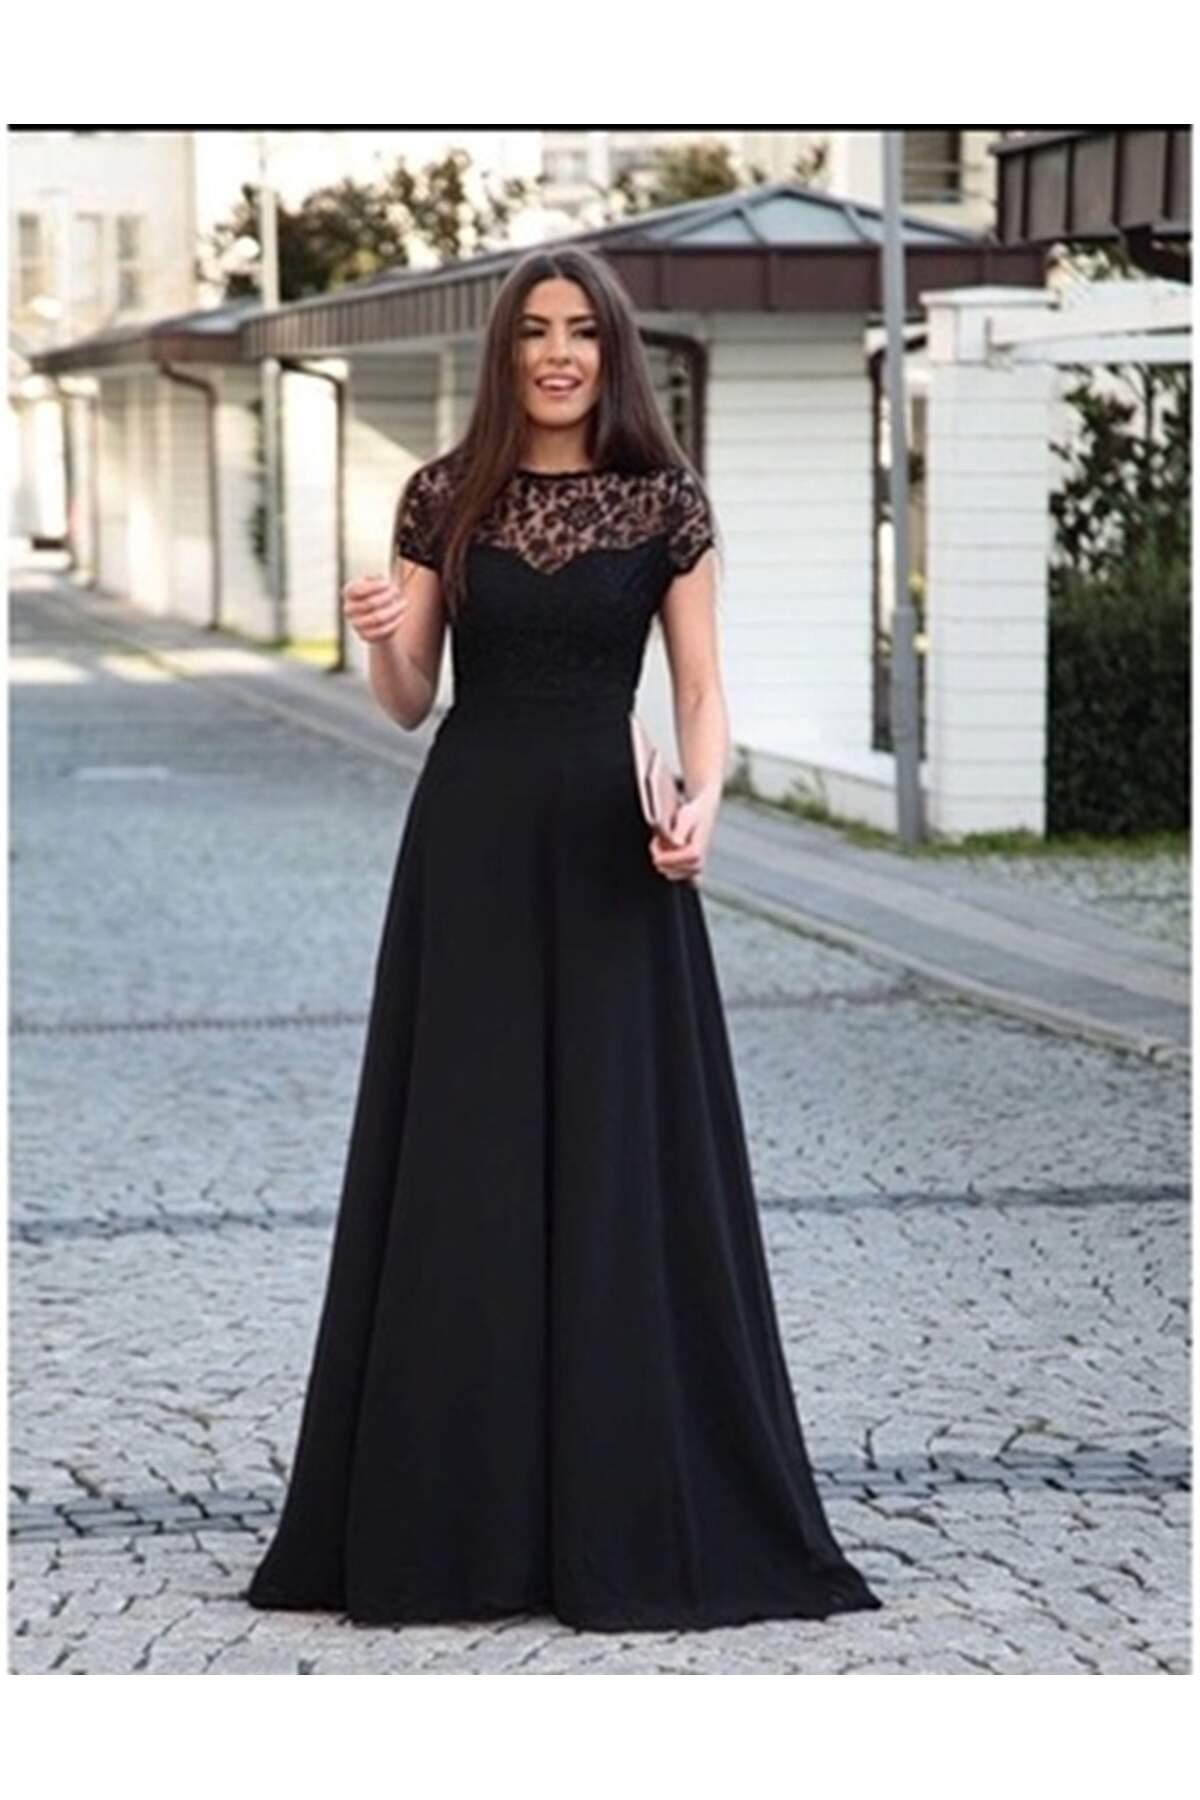 KL802 Üstü Güpür Maxi Boy Elbise - Siyah